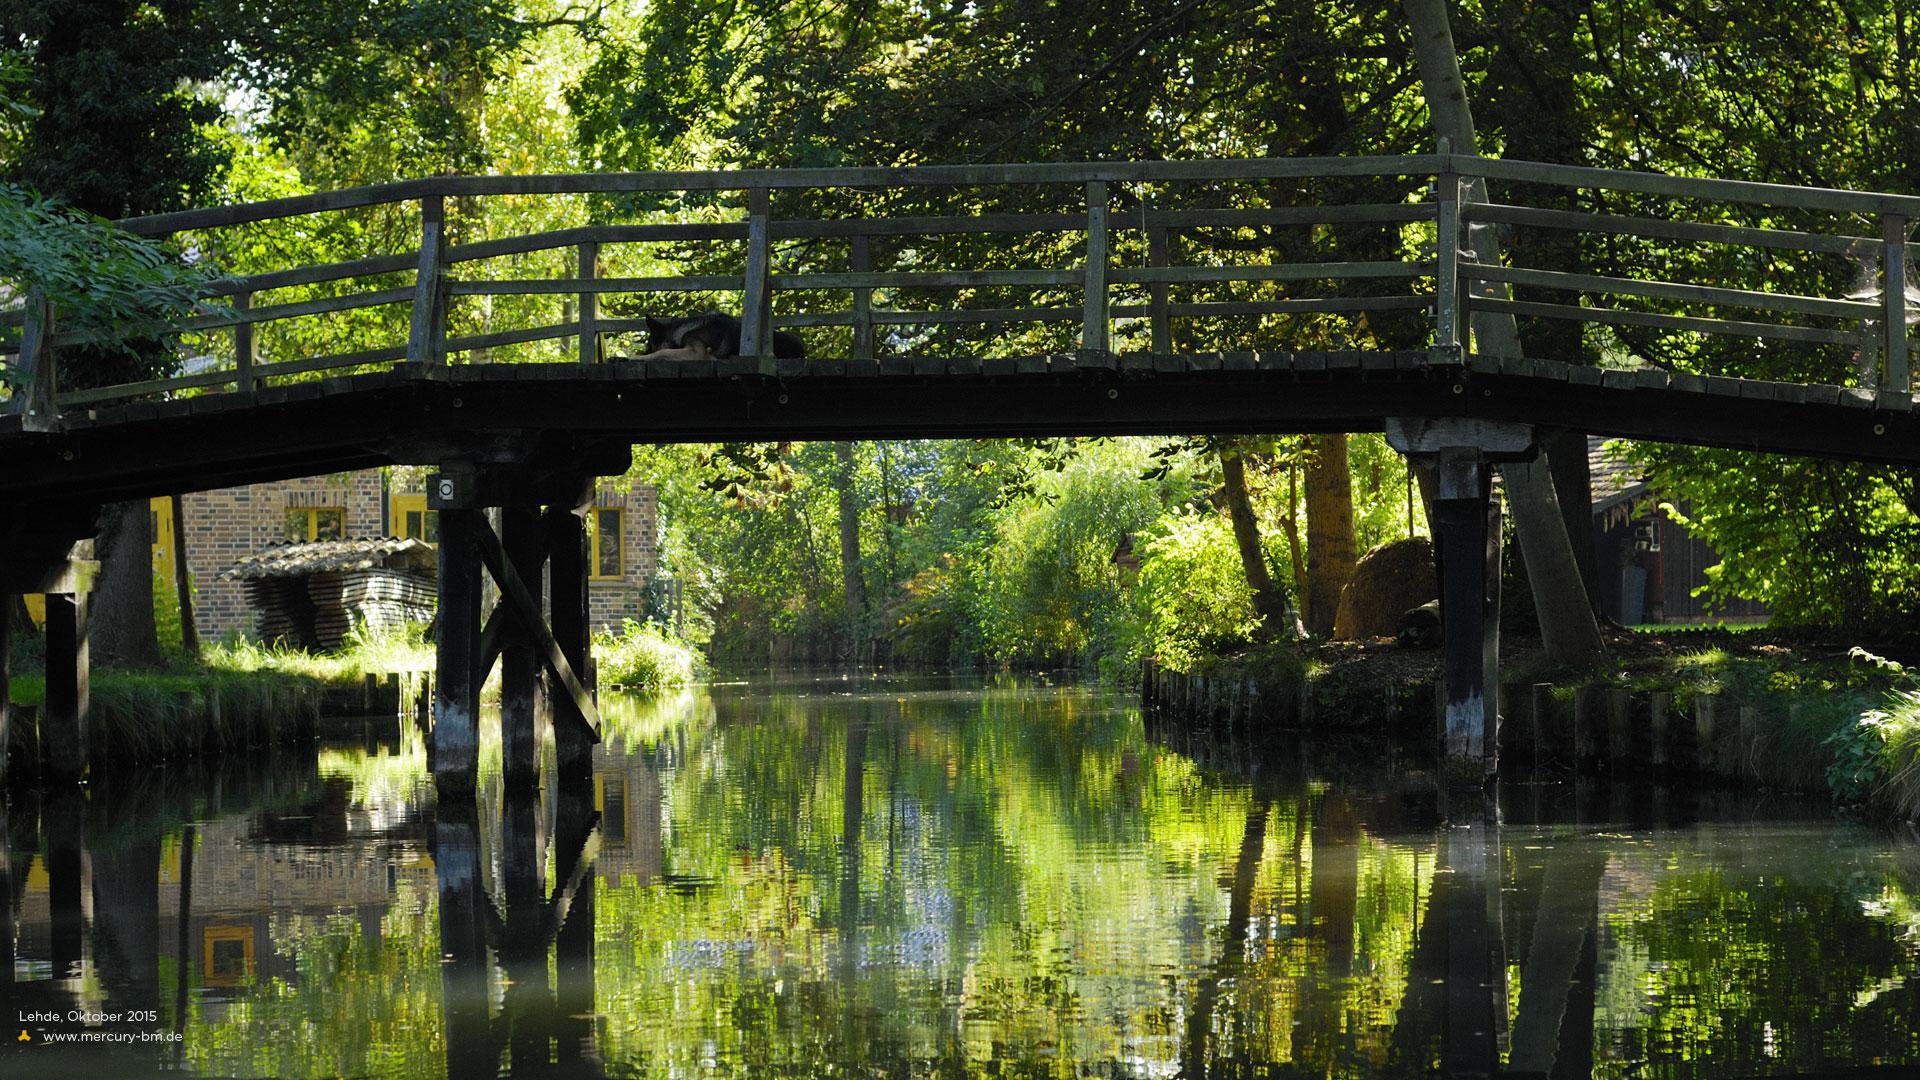 Kanalbrücke in Lehde, Spreewald